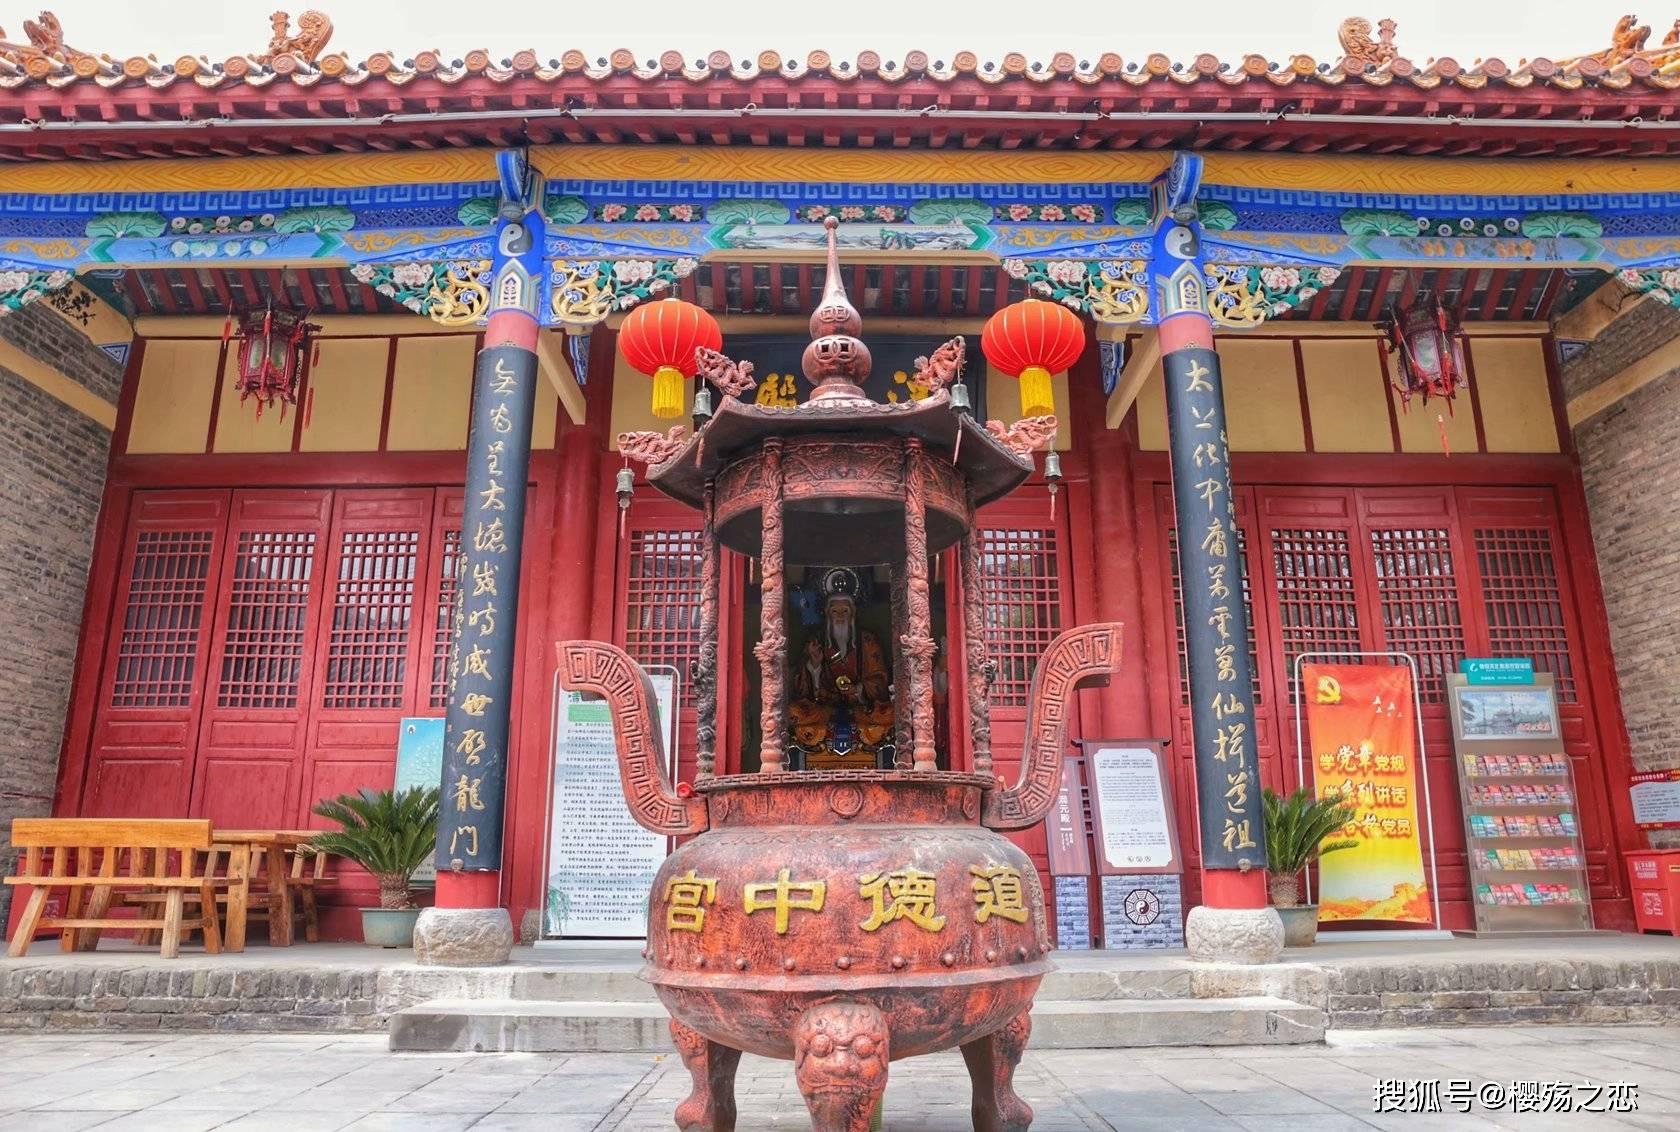 文化|安徽独具特色的城市,历史底蕴非常深厚,各种文化交相辉映